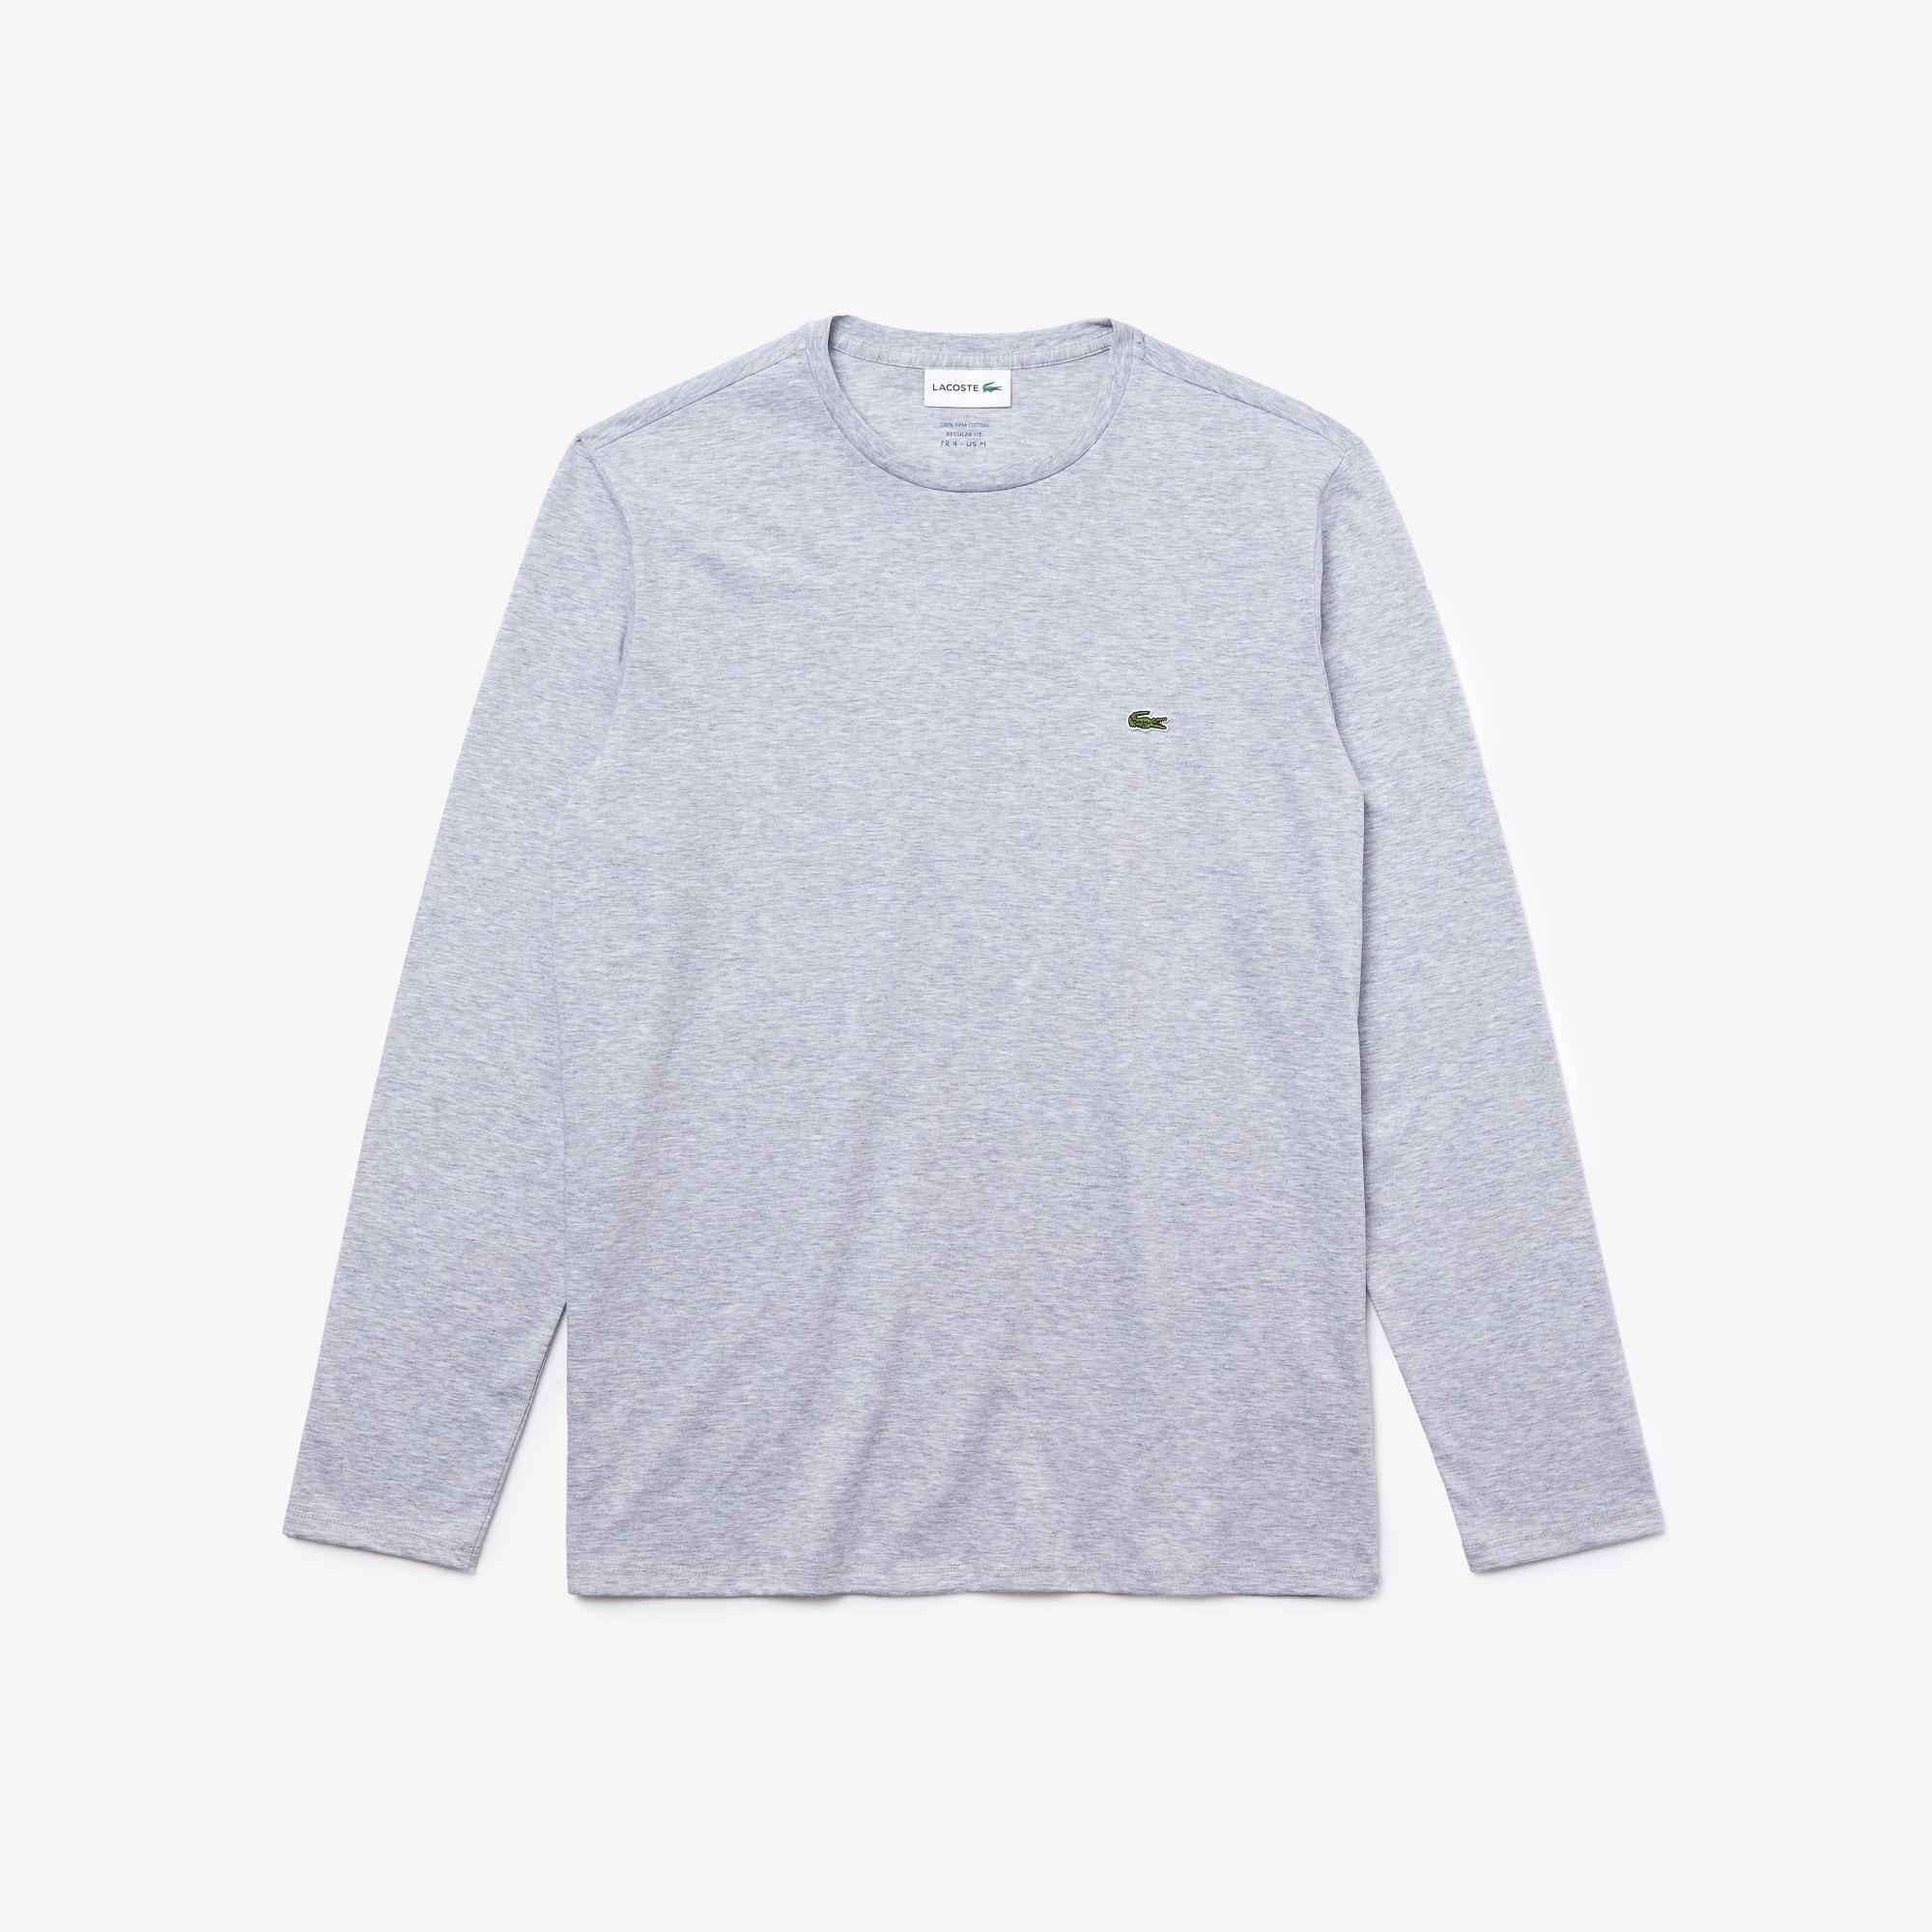 라코스테 긴팔 티셔츠 Lacoste Mens Crew Neck Pima Cotton Jersey T-shirt,silver grey chine